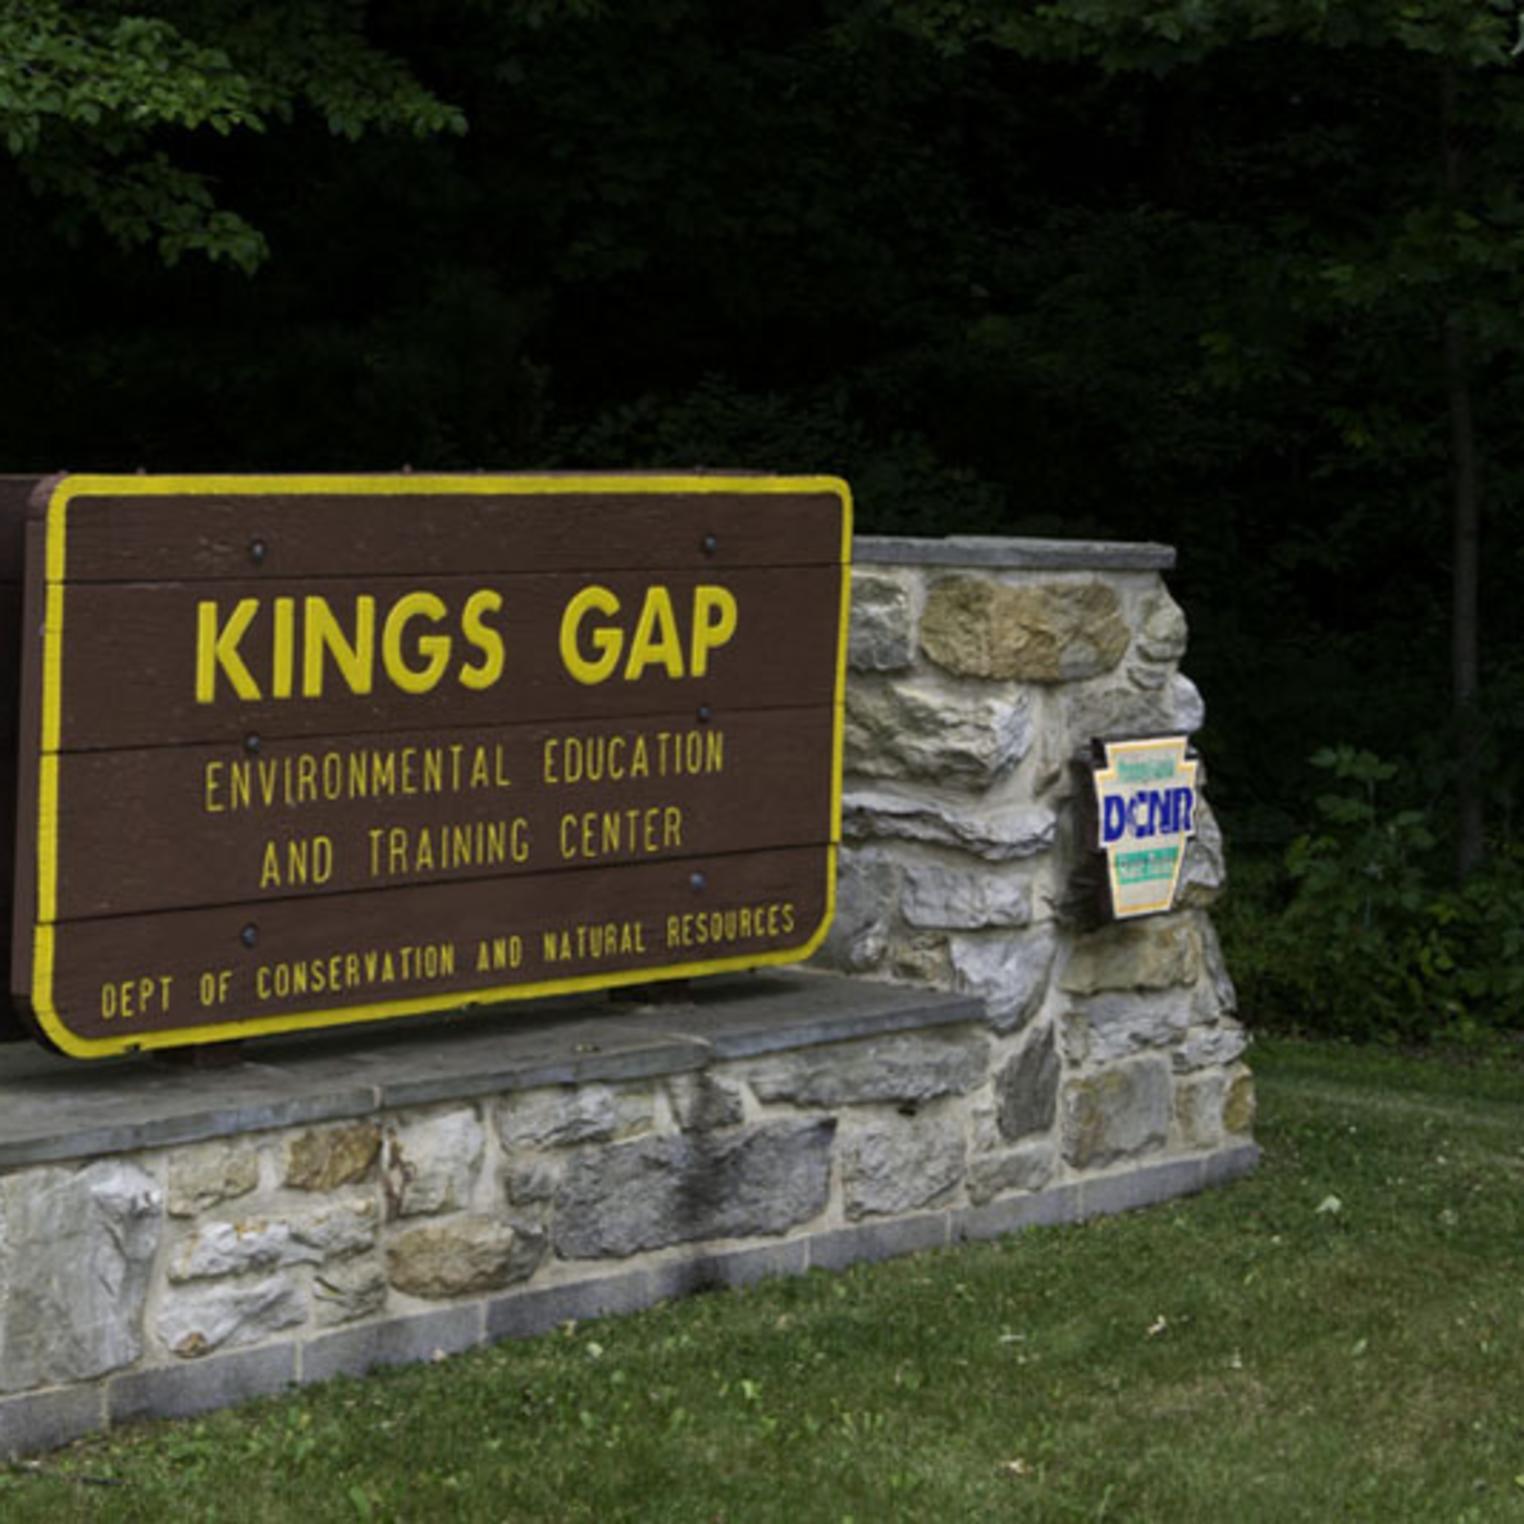 Kings Gap